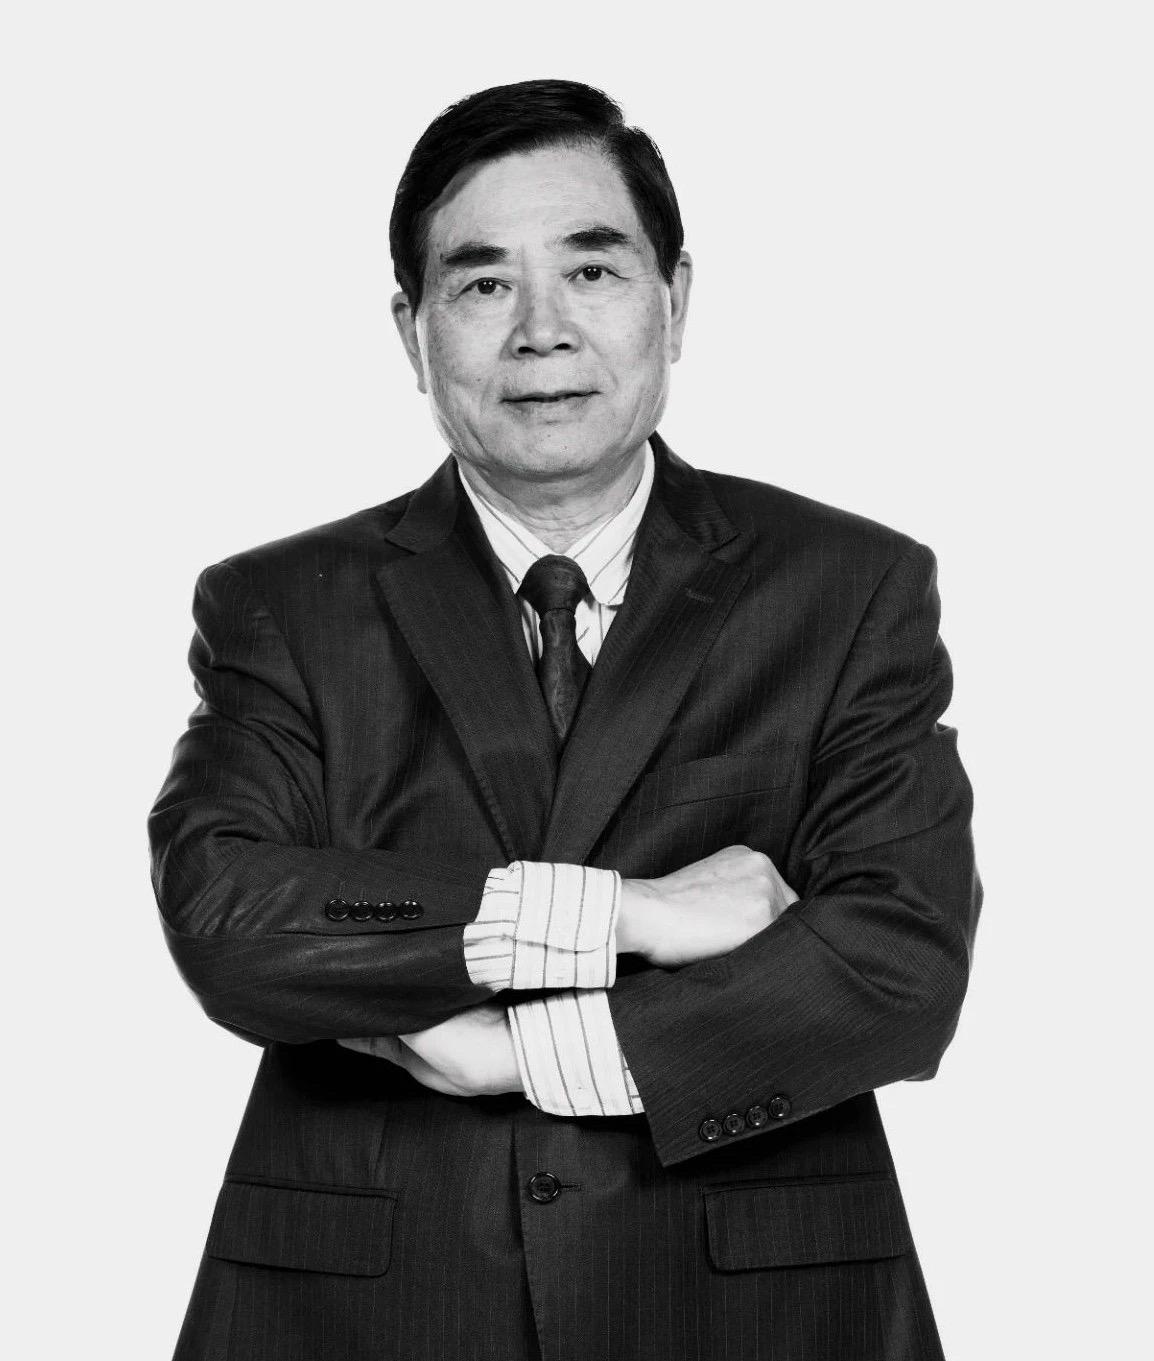 中国篮球功勋教练马连保逝世 曾培养出阿的江、刘玉栋